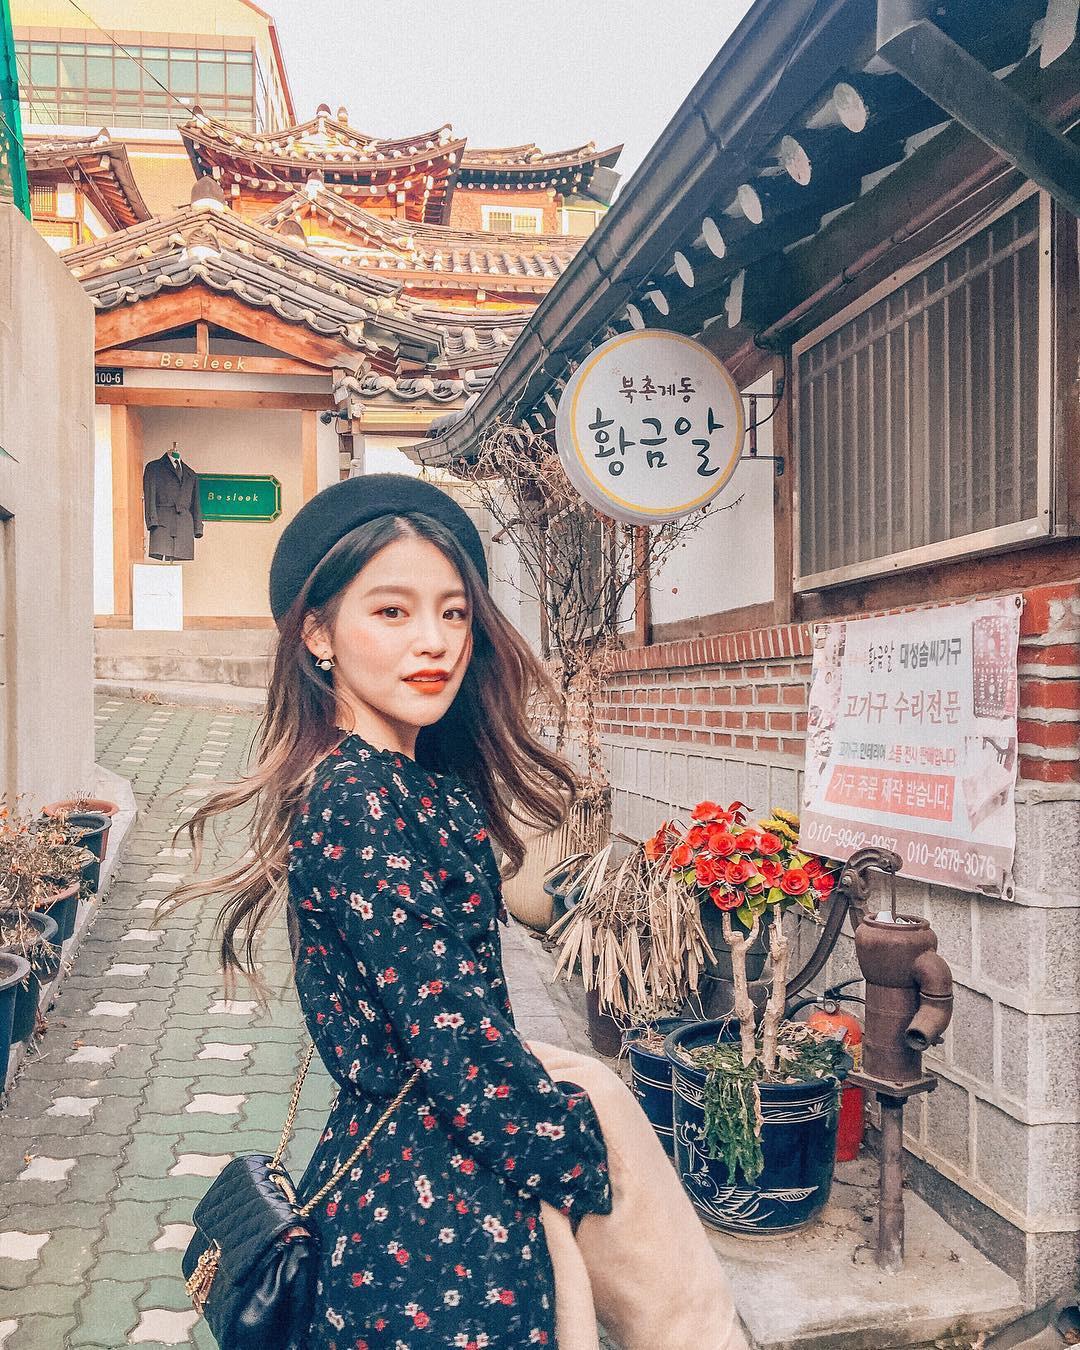 Thong thong khám phá văn hóa truyền thống tại 5 ngôi làng cổ đặc sắc nhất xứ Hàn - Ảnh 2.